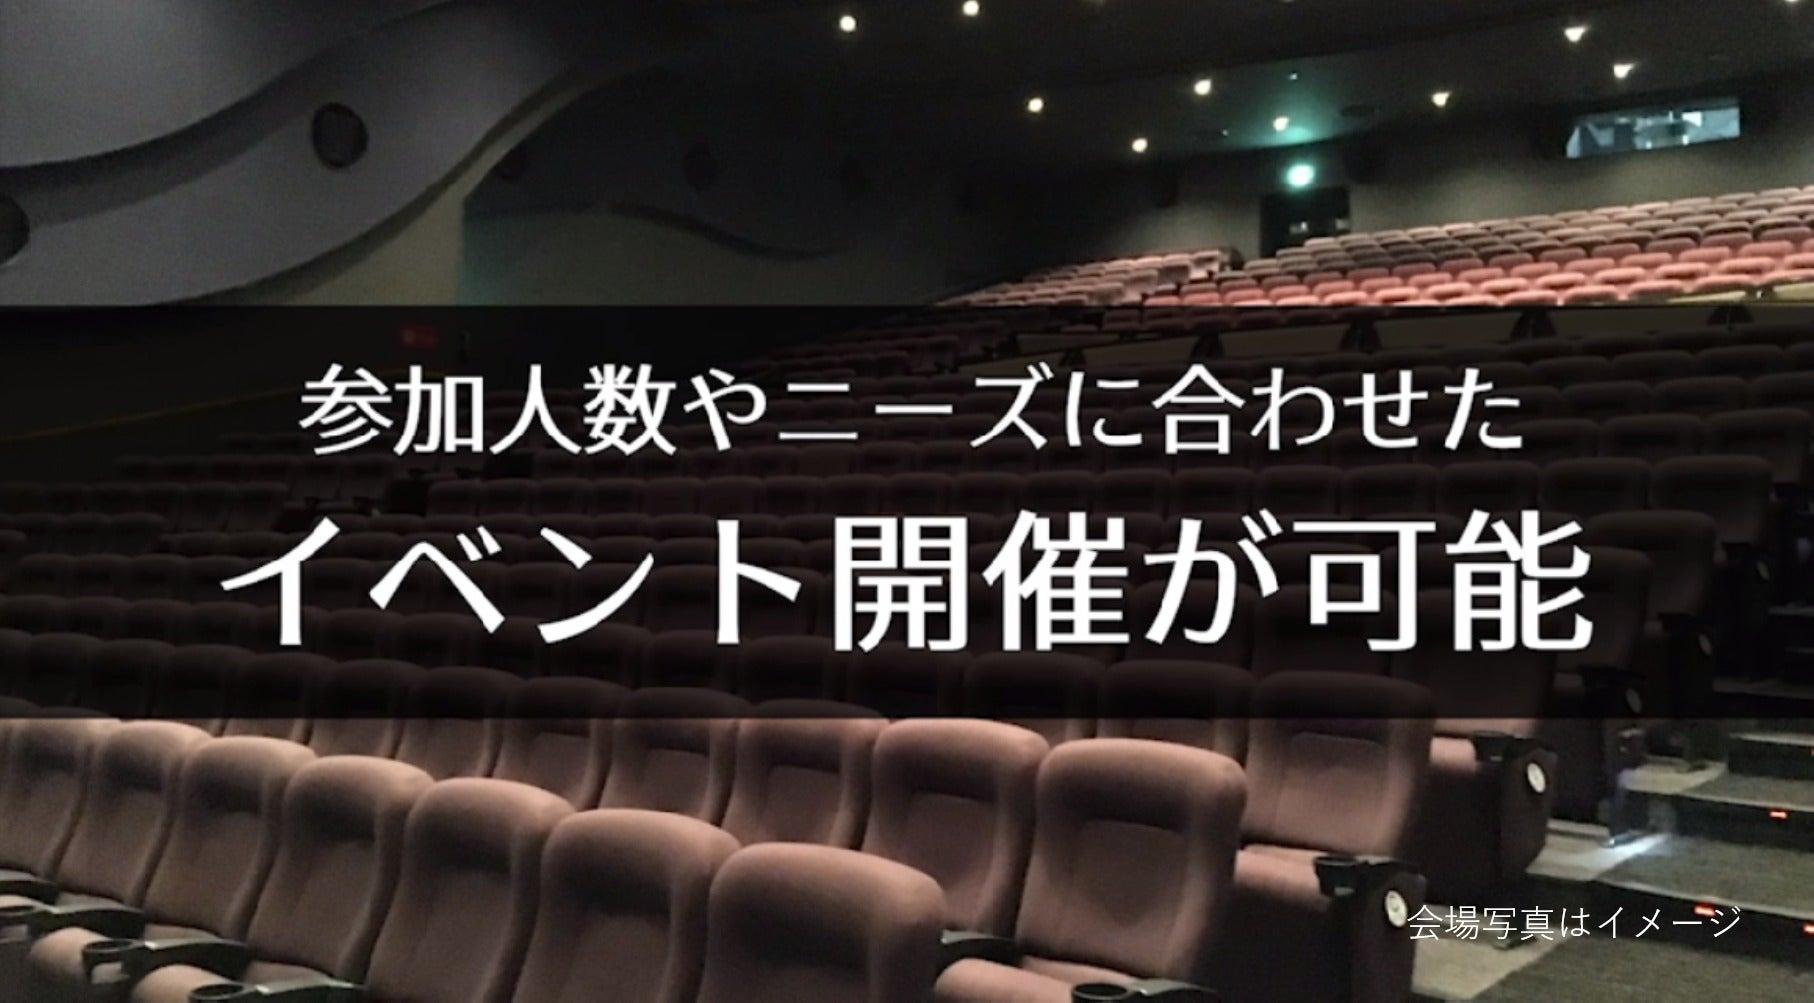 【金沢 262席】映画館で、会社説明会、株主総会、講演会の企画はいかがですか?(ユナイテッド・シネマ金沢) の写真0